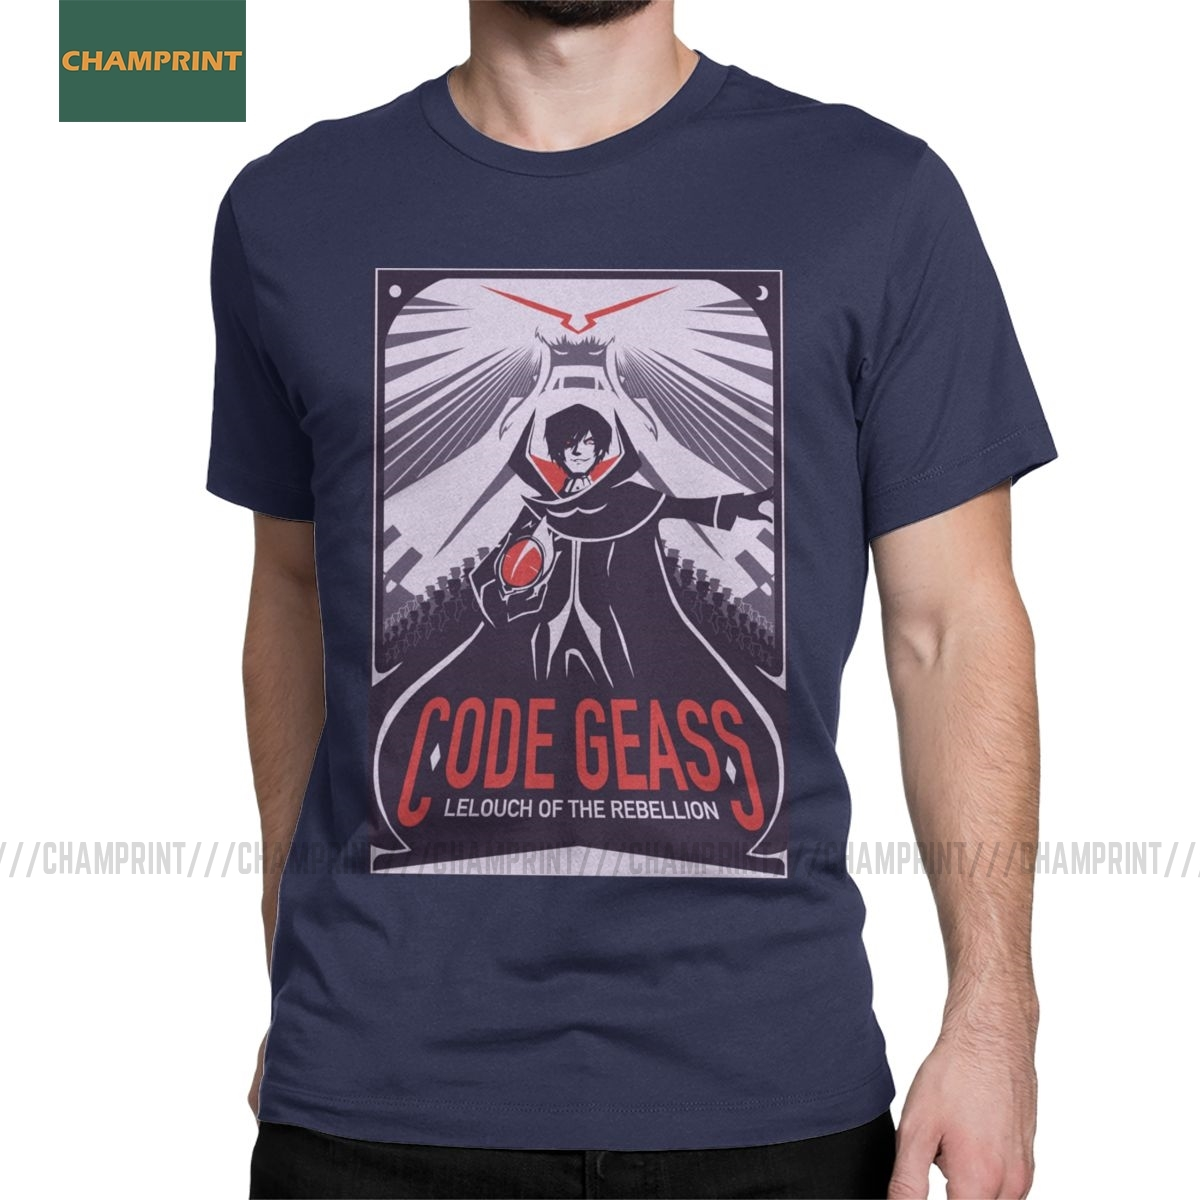 Code Geass Man Vintage Soft Short Sleeve T-Shirt Tee Black